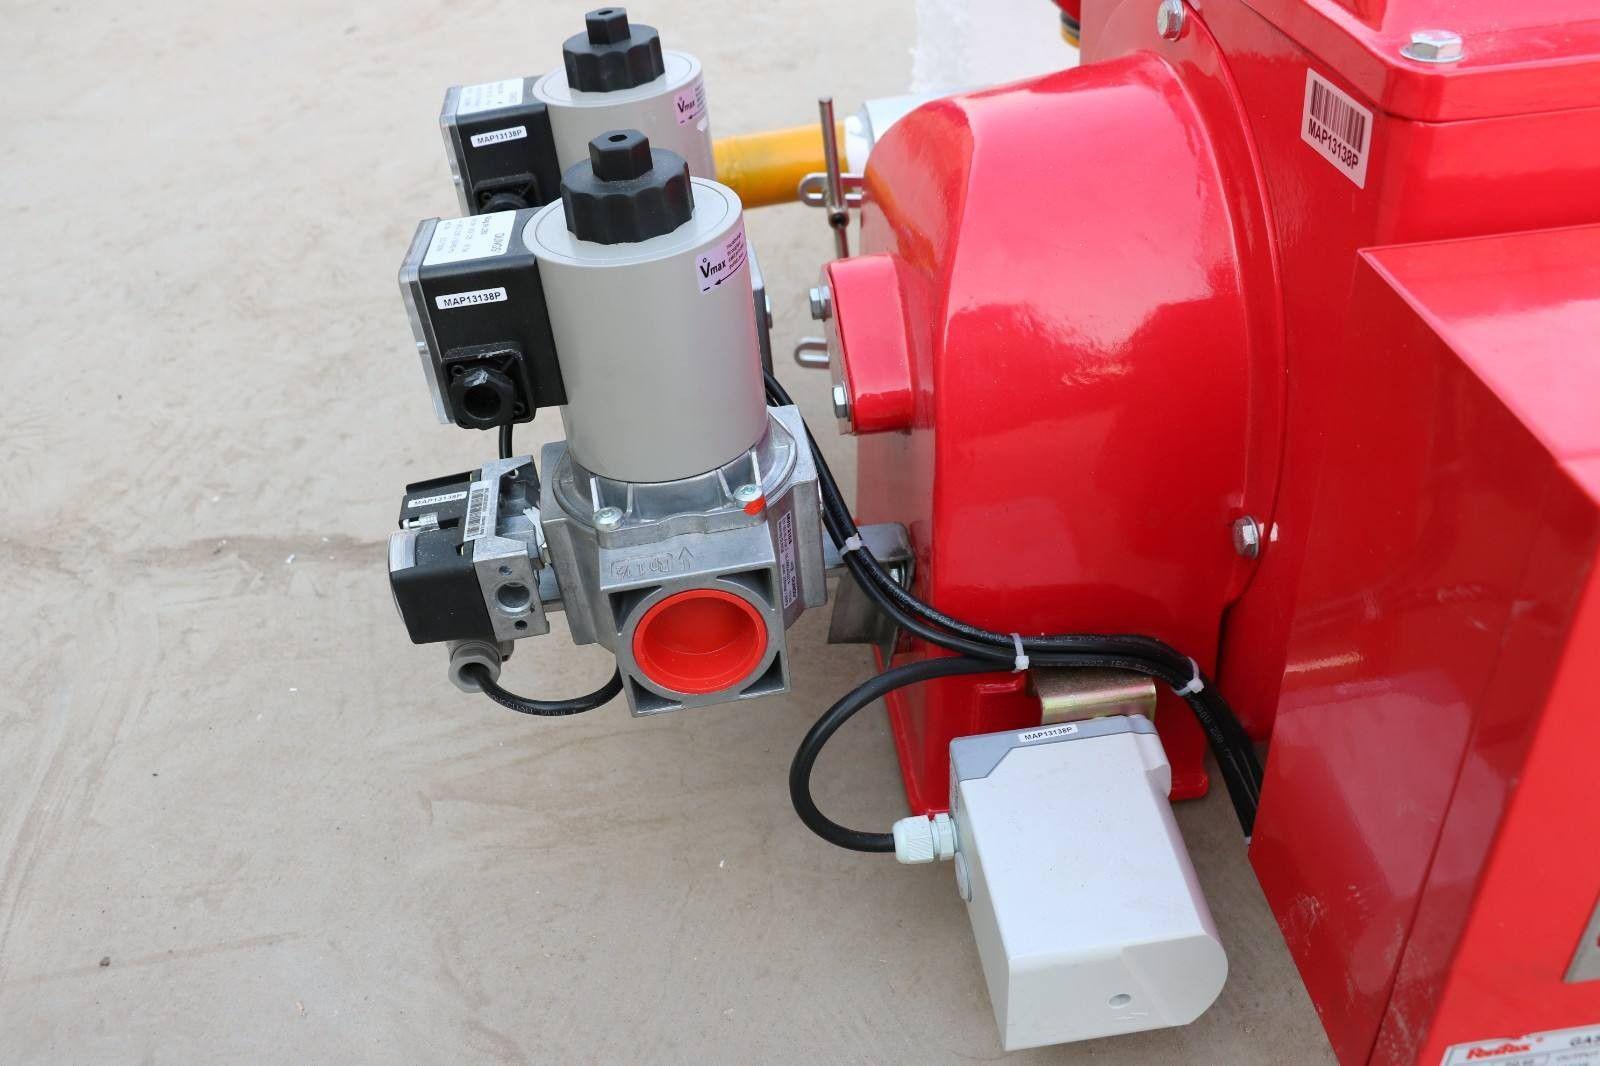 日喀则昂仁县烘干燃烧机厂家在生产时用到的防裂技术